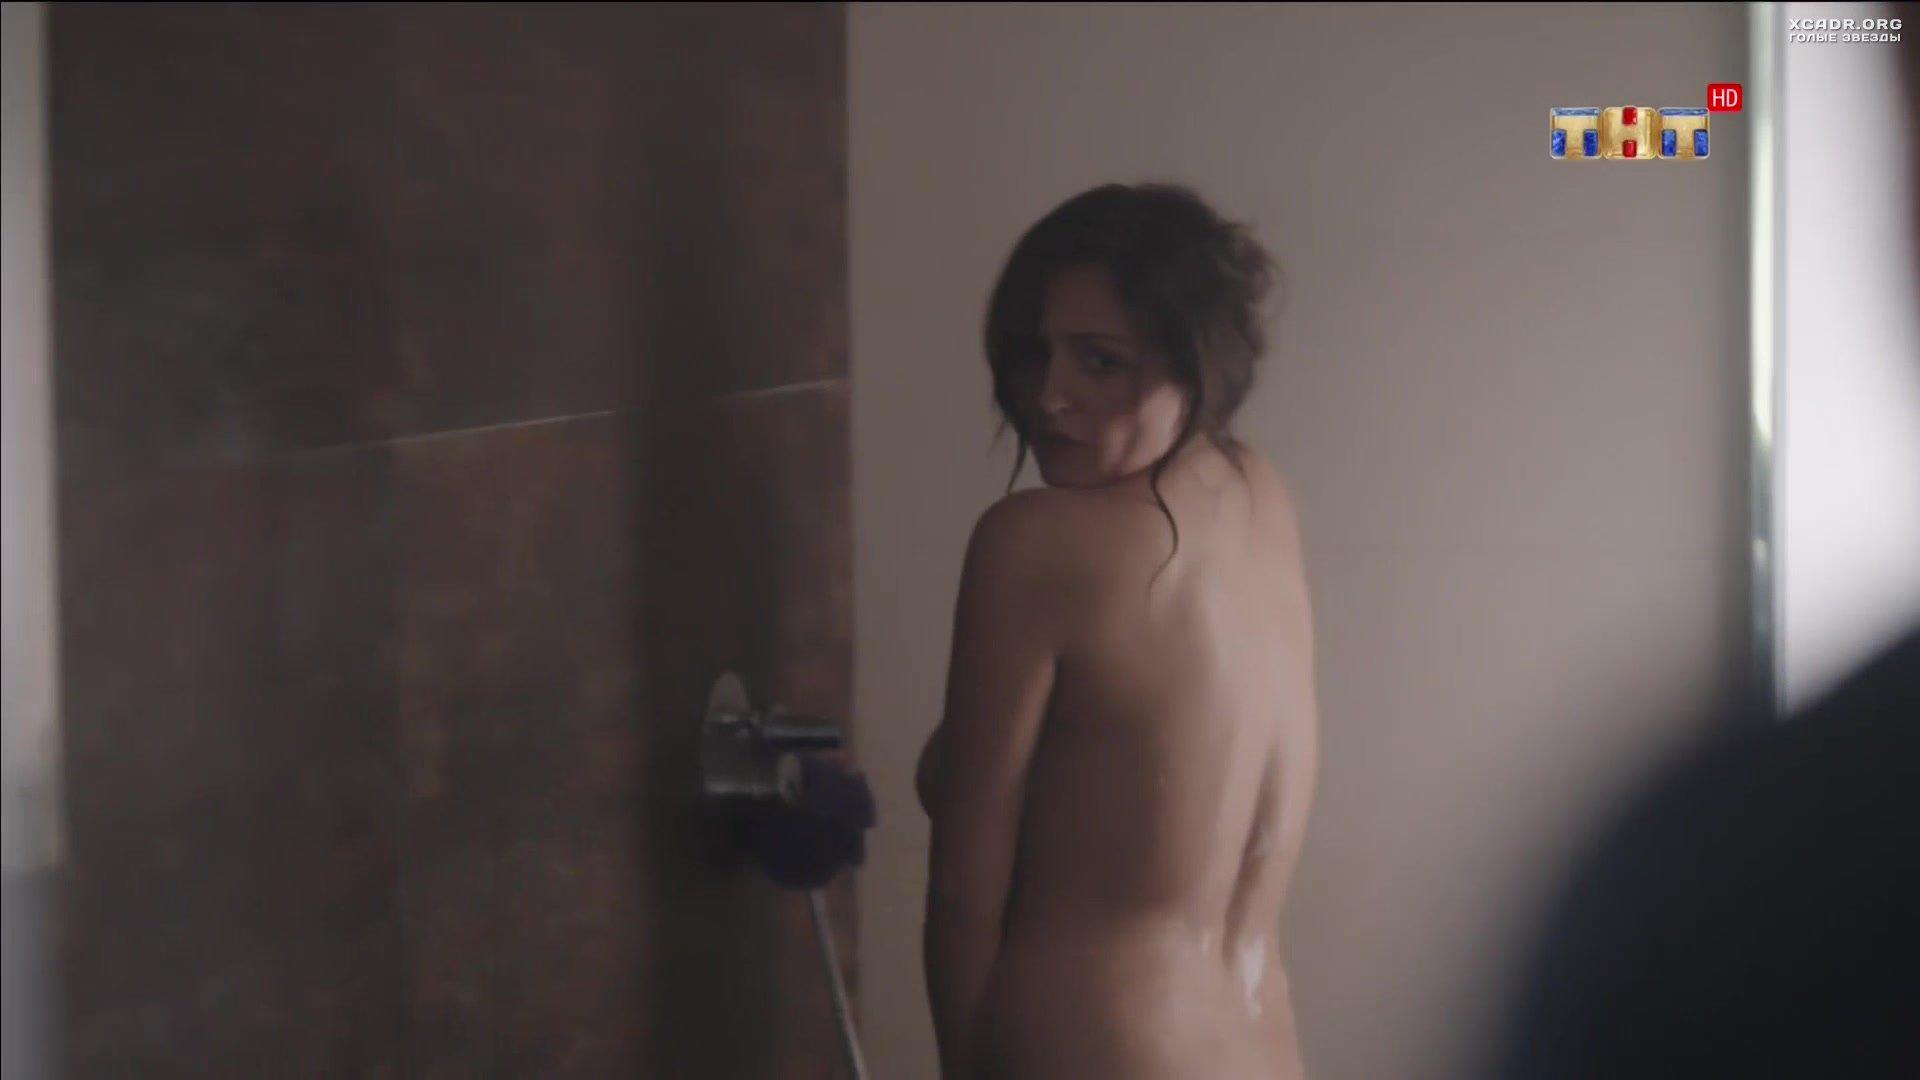 Порно сладкая жизнь, онлайн ролики секс сильный женский оргазм от секса